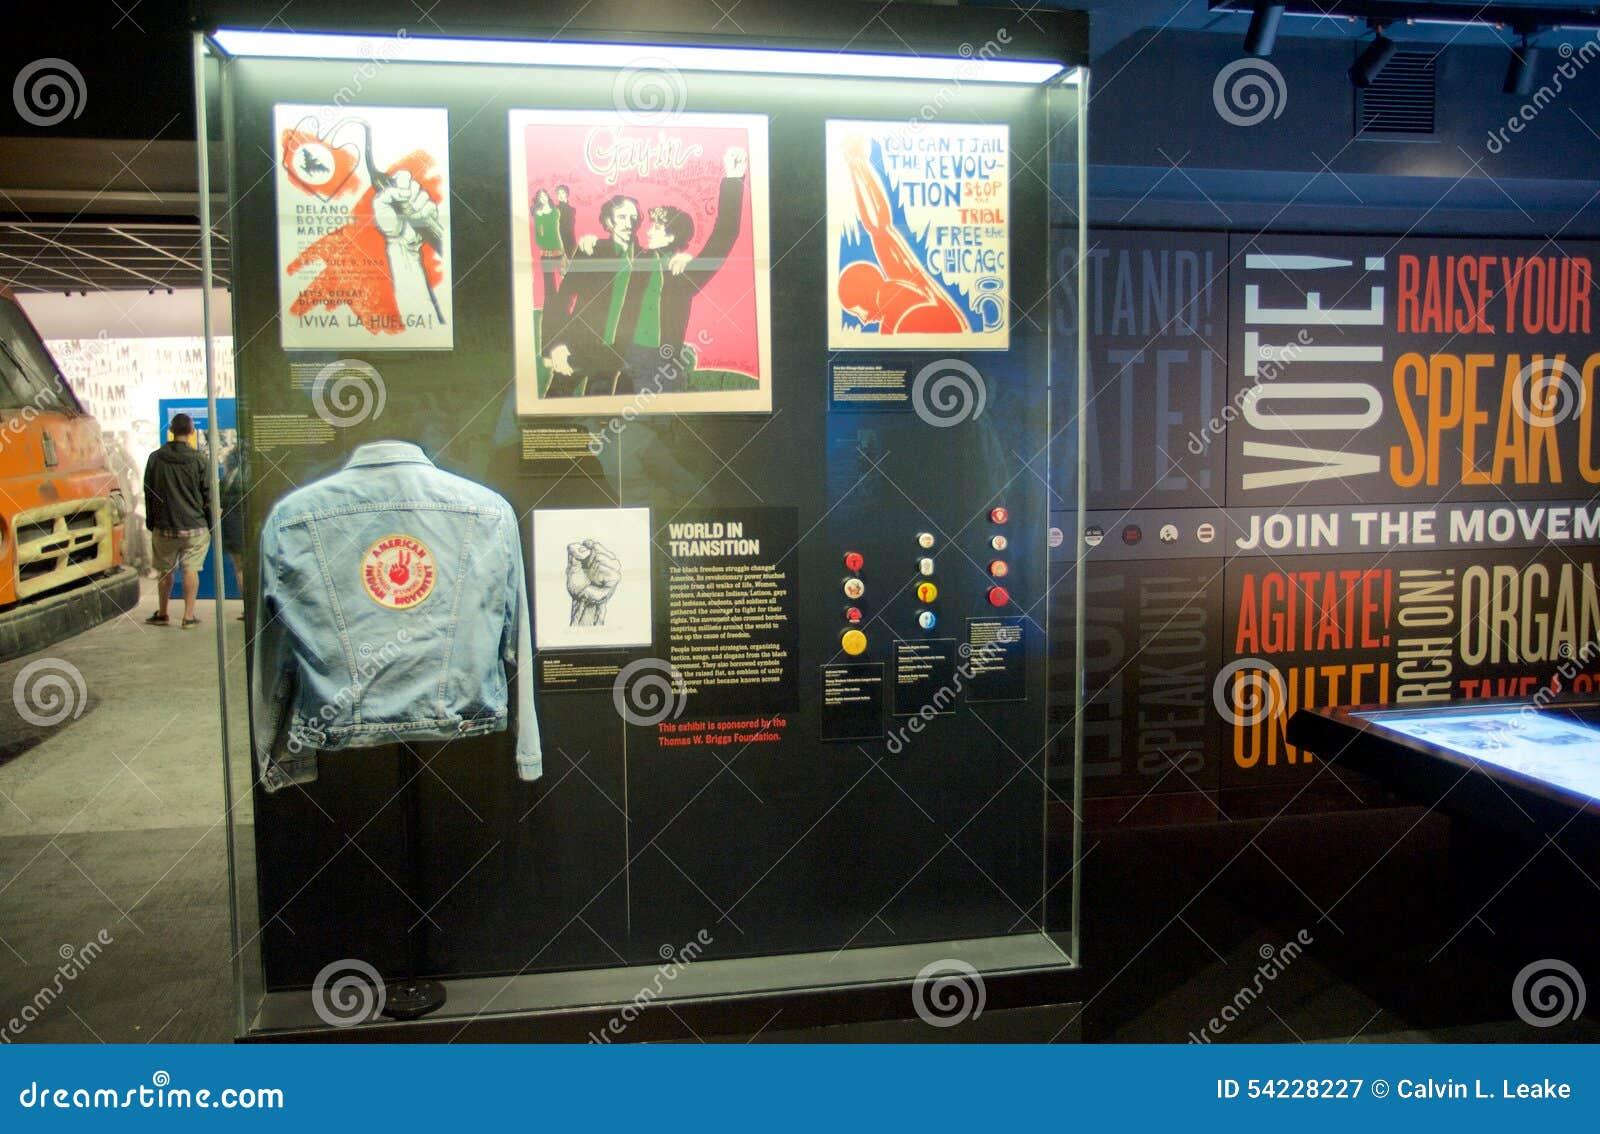 Het Tentoongestelde voorwerp van de Indiaanbeweging binnen het Nationale Burgerrechtenmuseum in Lorraine Motel